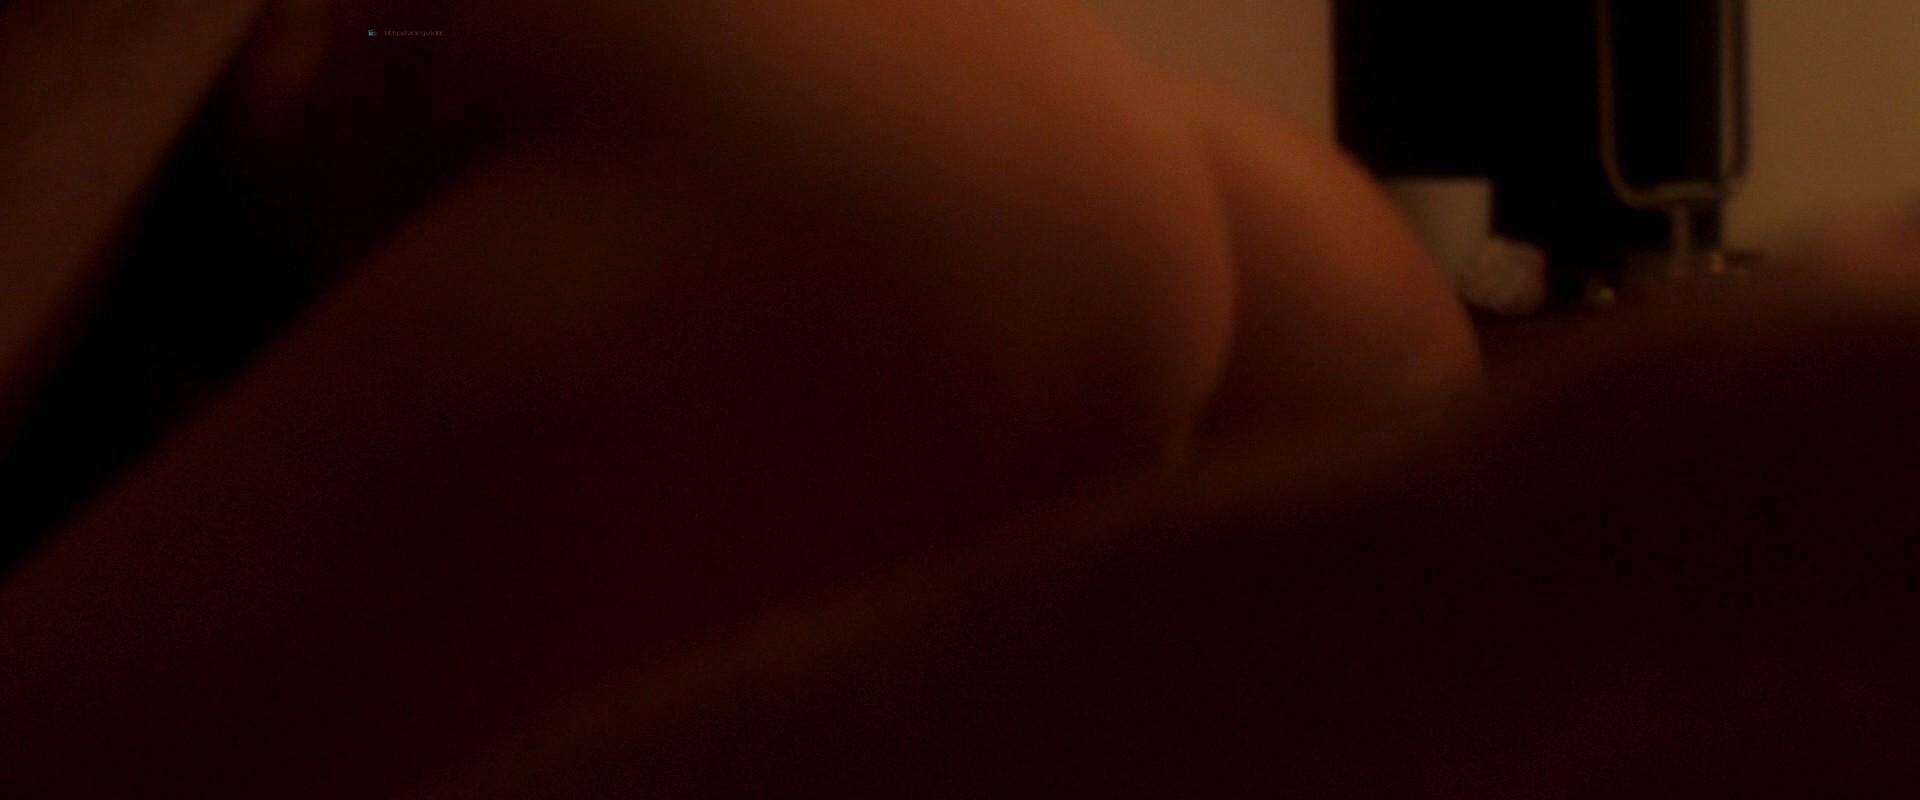 Ana Girardot nude and hot sex - Entangled (2019) 1080p Web (5)